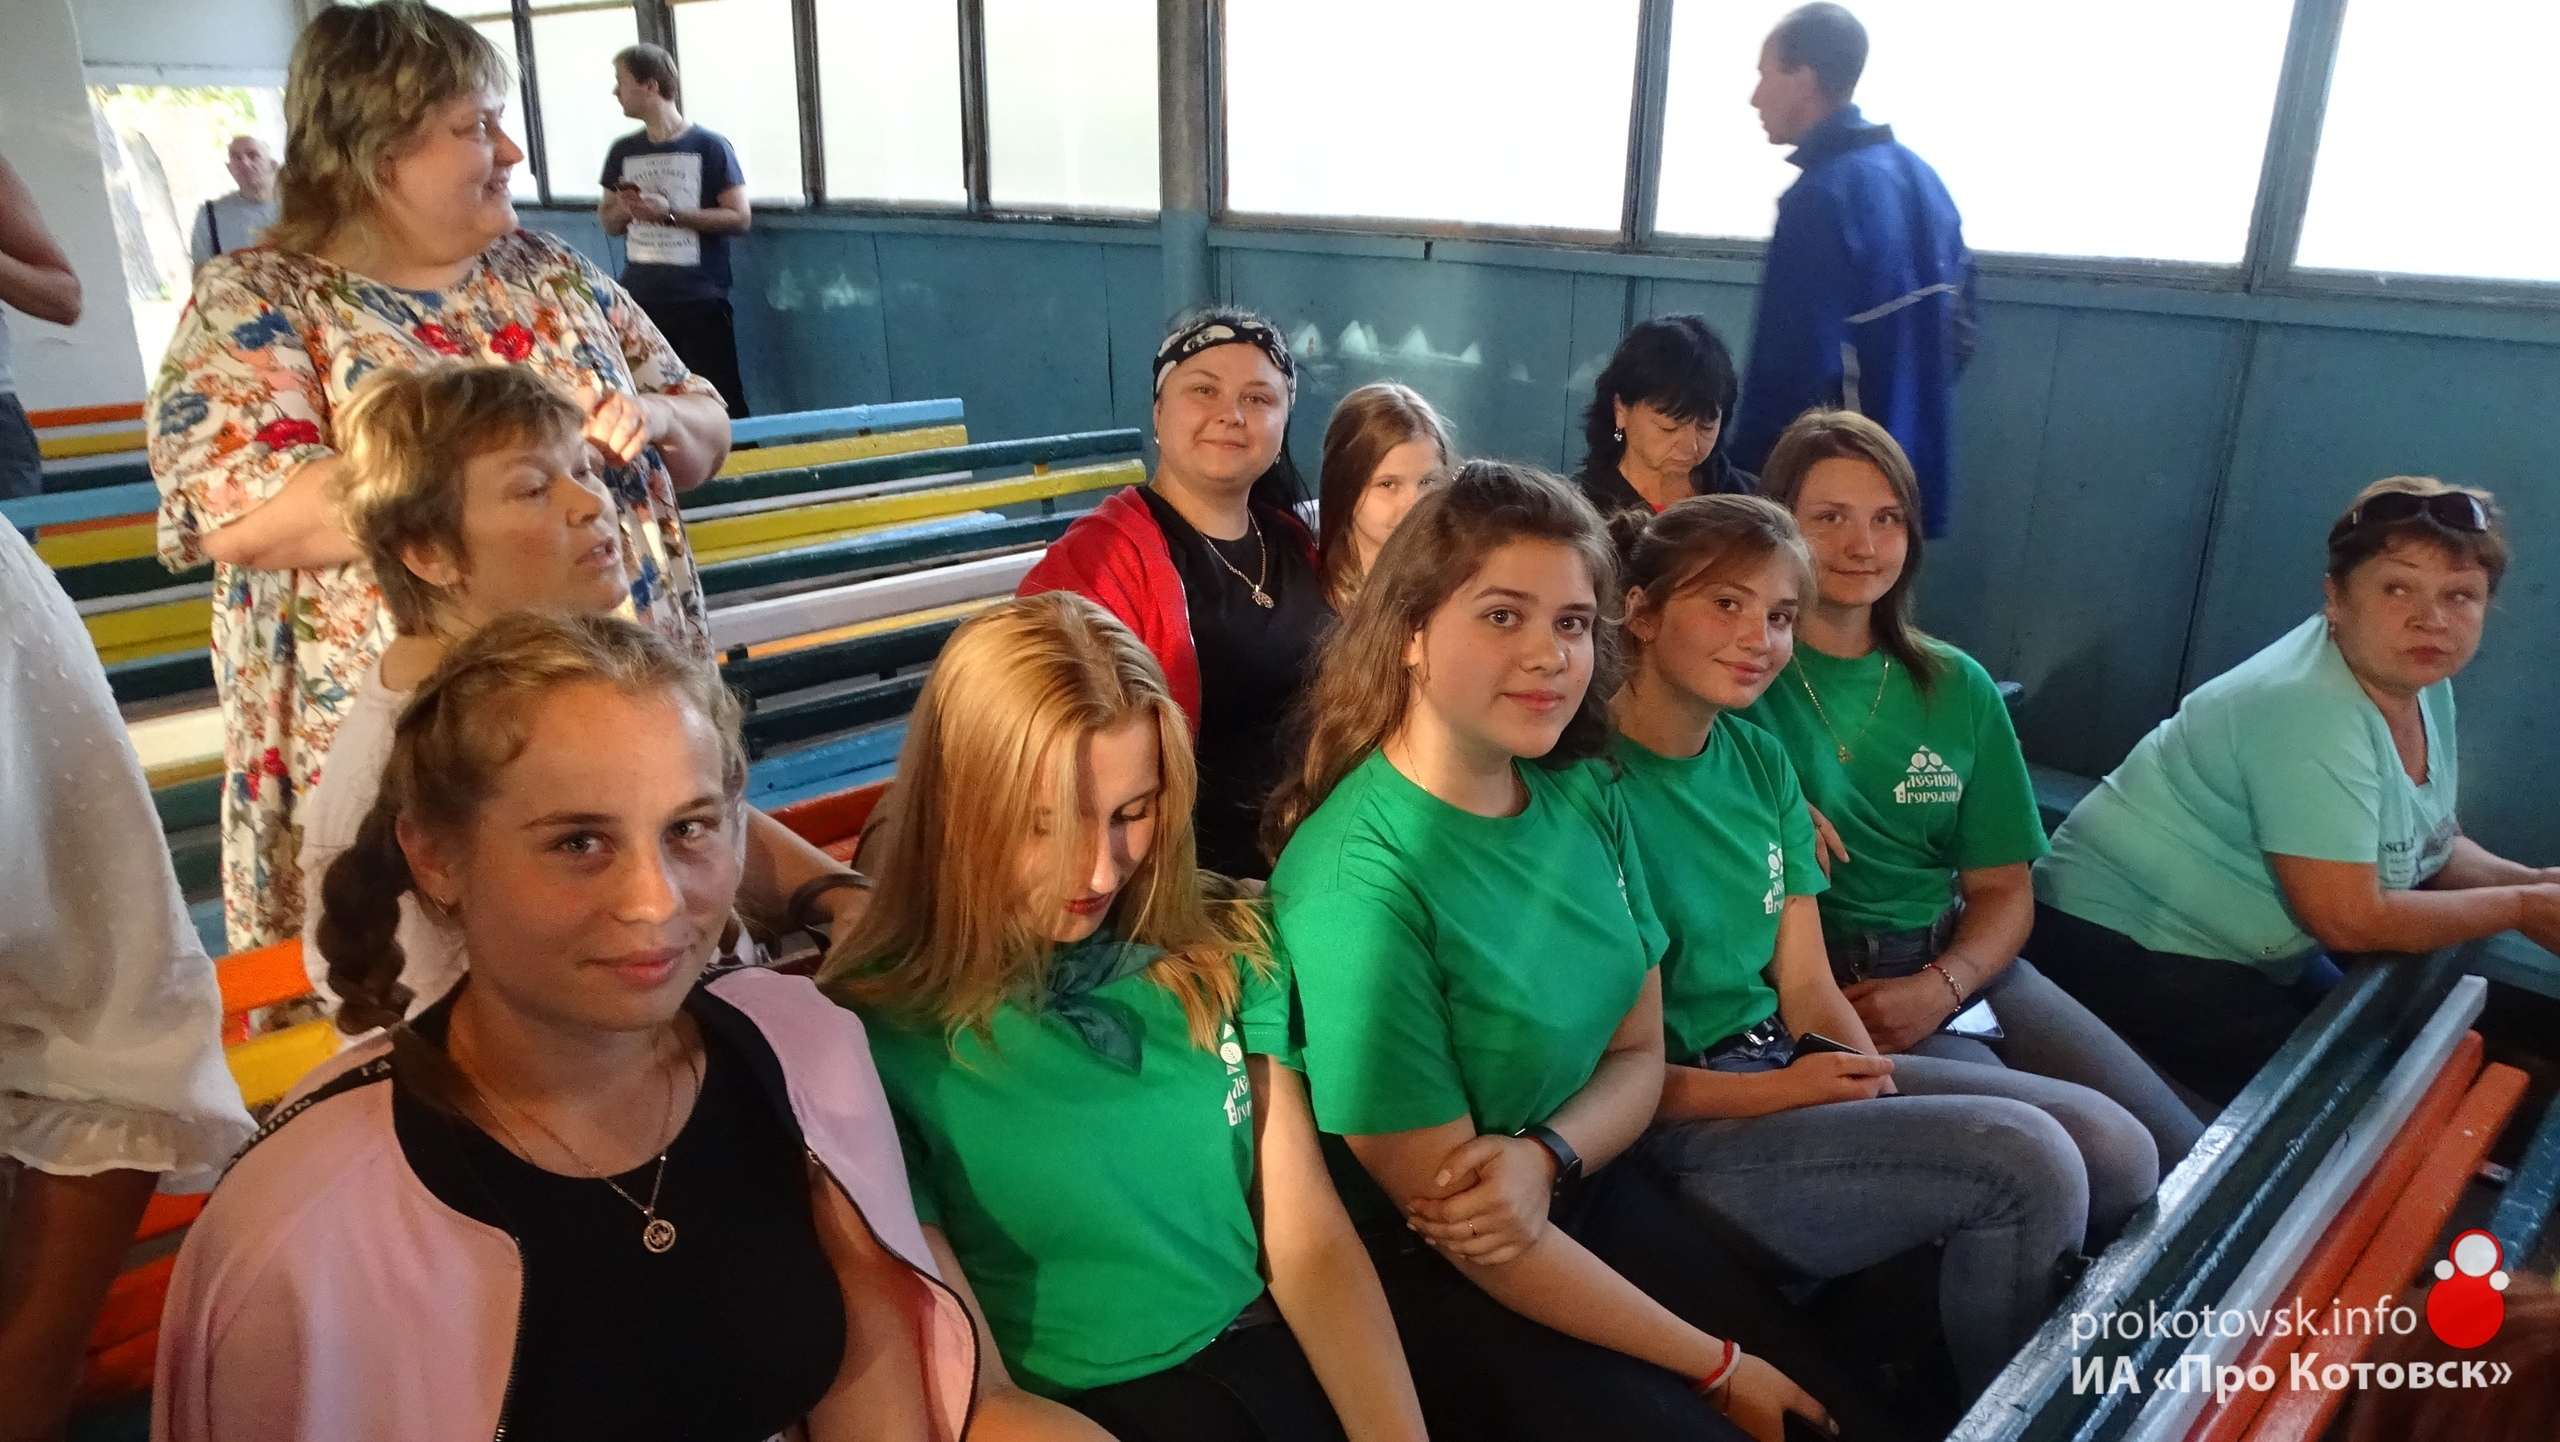 """Лагерь """"Костер"""" под моногородом Котовском закрыл летнюю оздоровительную компанию"""